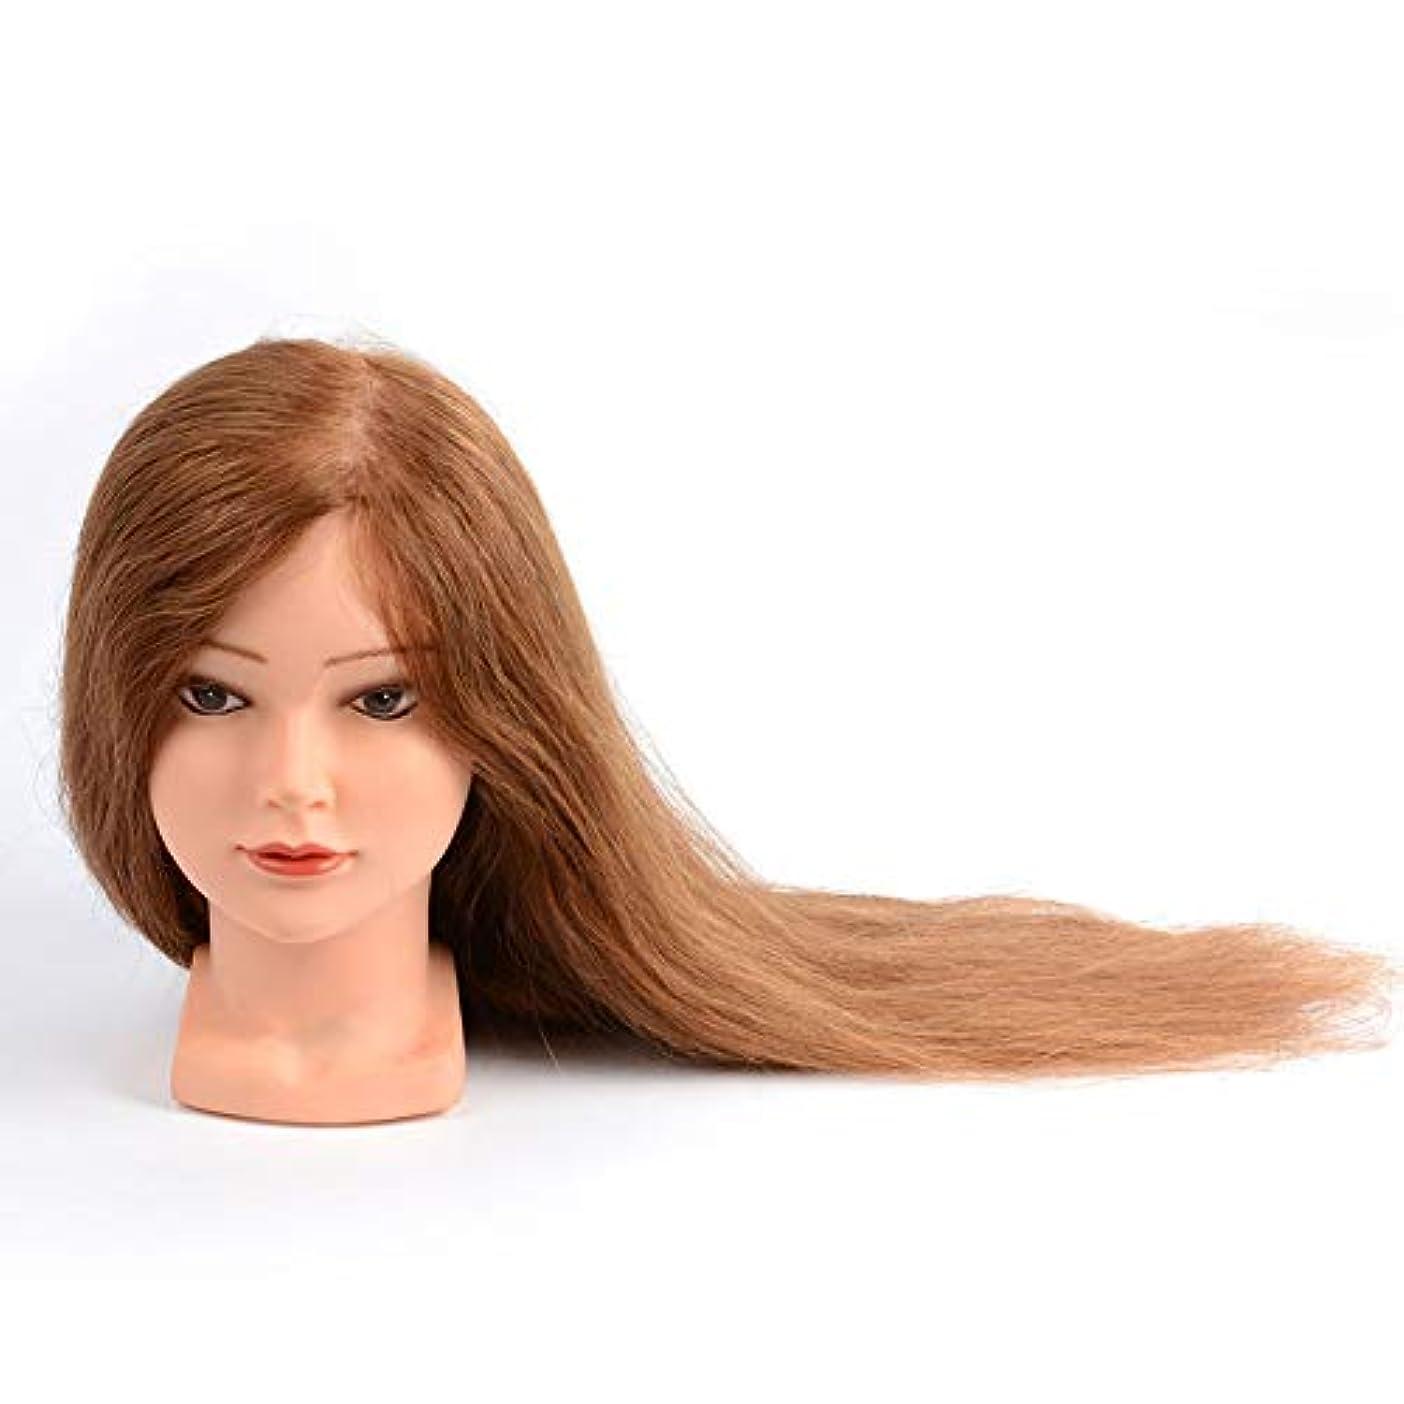 流暢調整配送実在の人の髪のダミーヘッド理髪店学習パーマ髪染めウィッグモデルヘッド花嫁メイクスタイル教育ヘッド